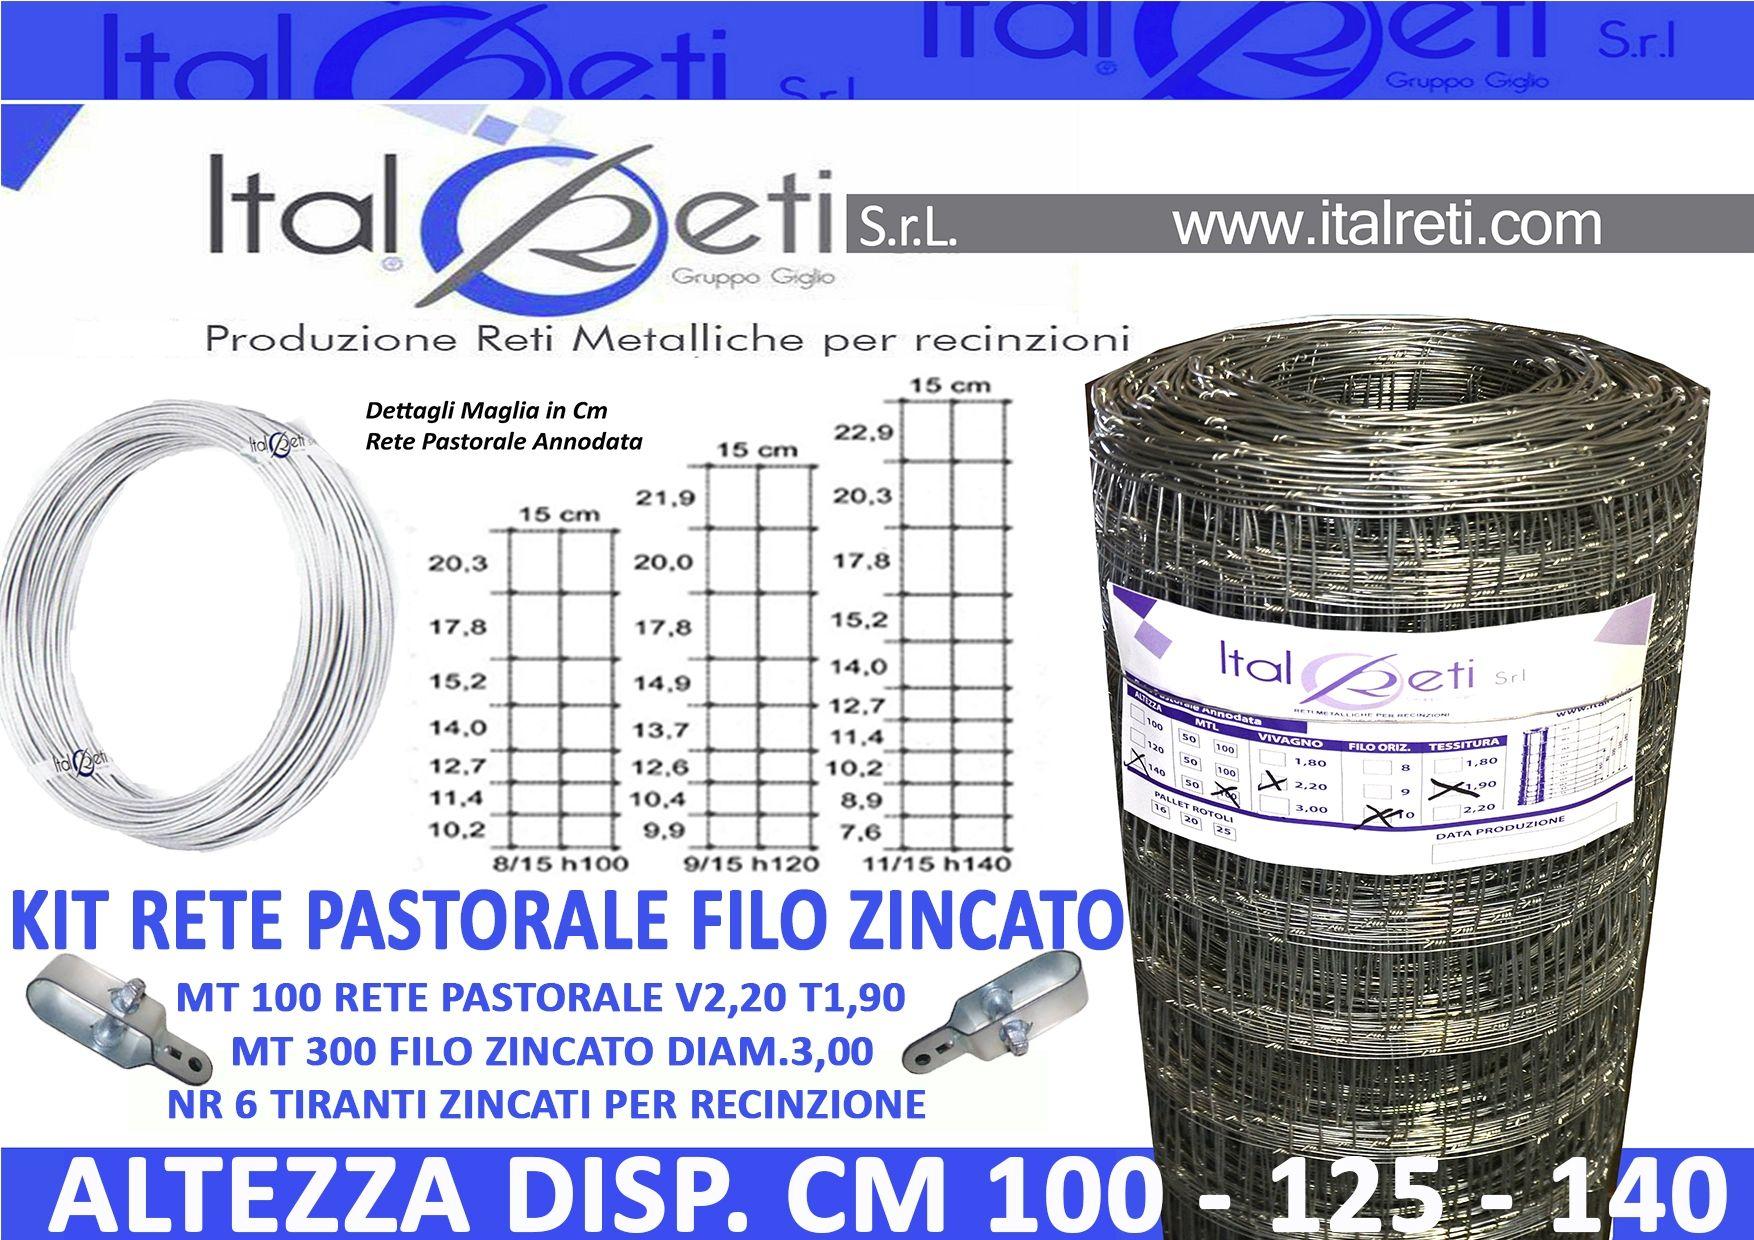 25 Metri Rete Elettrosaldata Plastificata Filo Plastificato: 2,40 Rete Recinzione ITALRETI PRO Maglia 50x75 Altezza: 200 cm